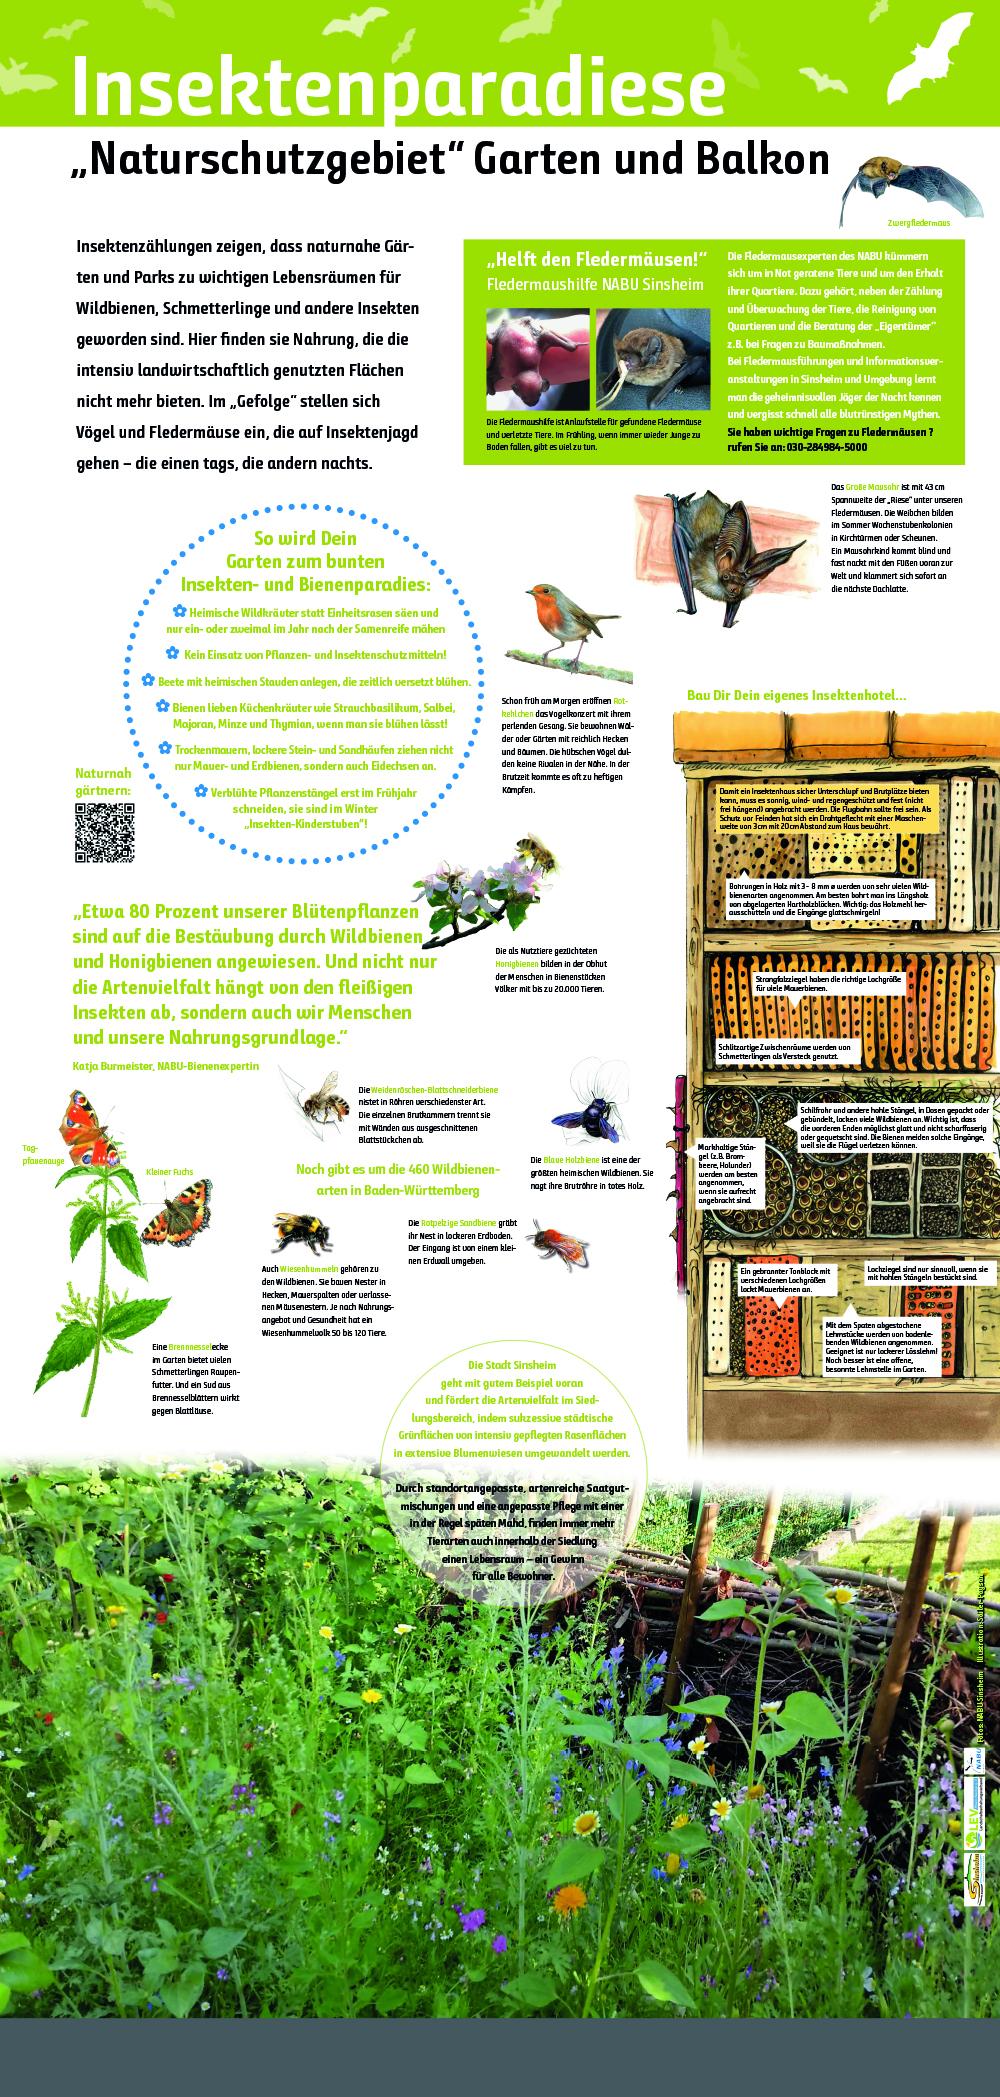 Insektenparadies Garten und Balkon